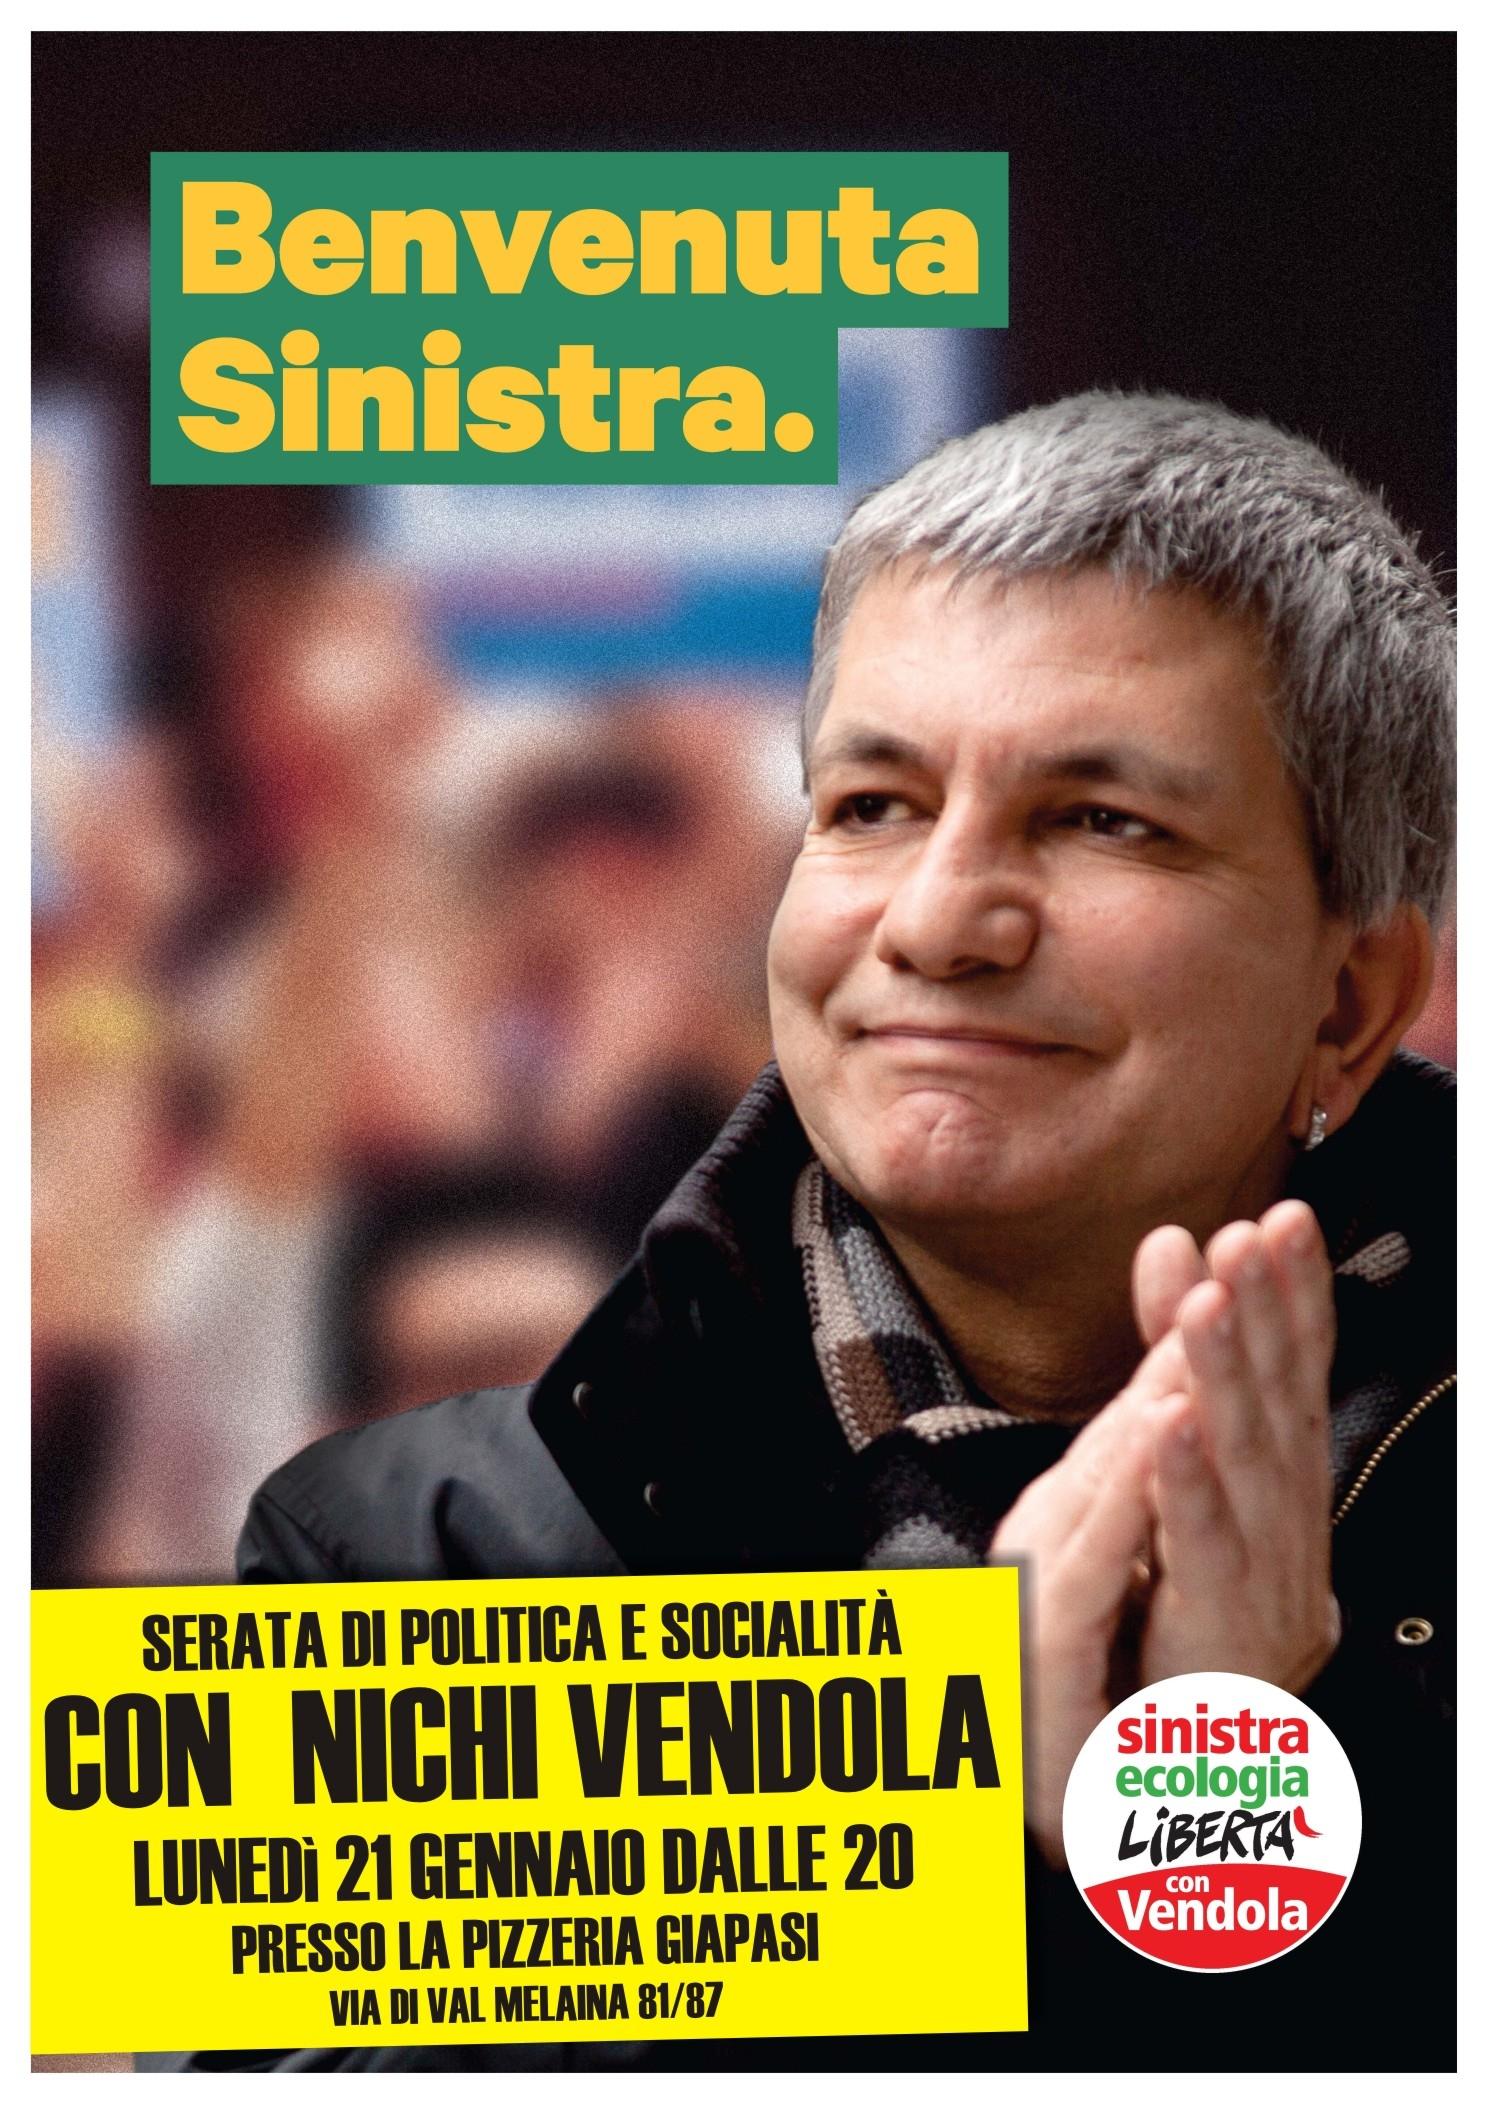 Benvenuta Sinistra. Serata con Nichi Vendola.